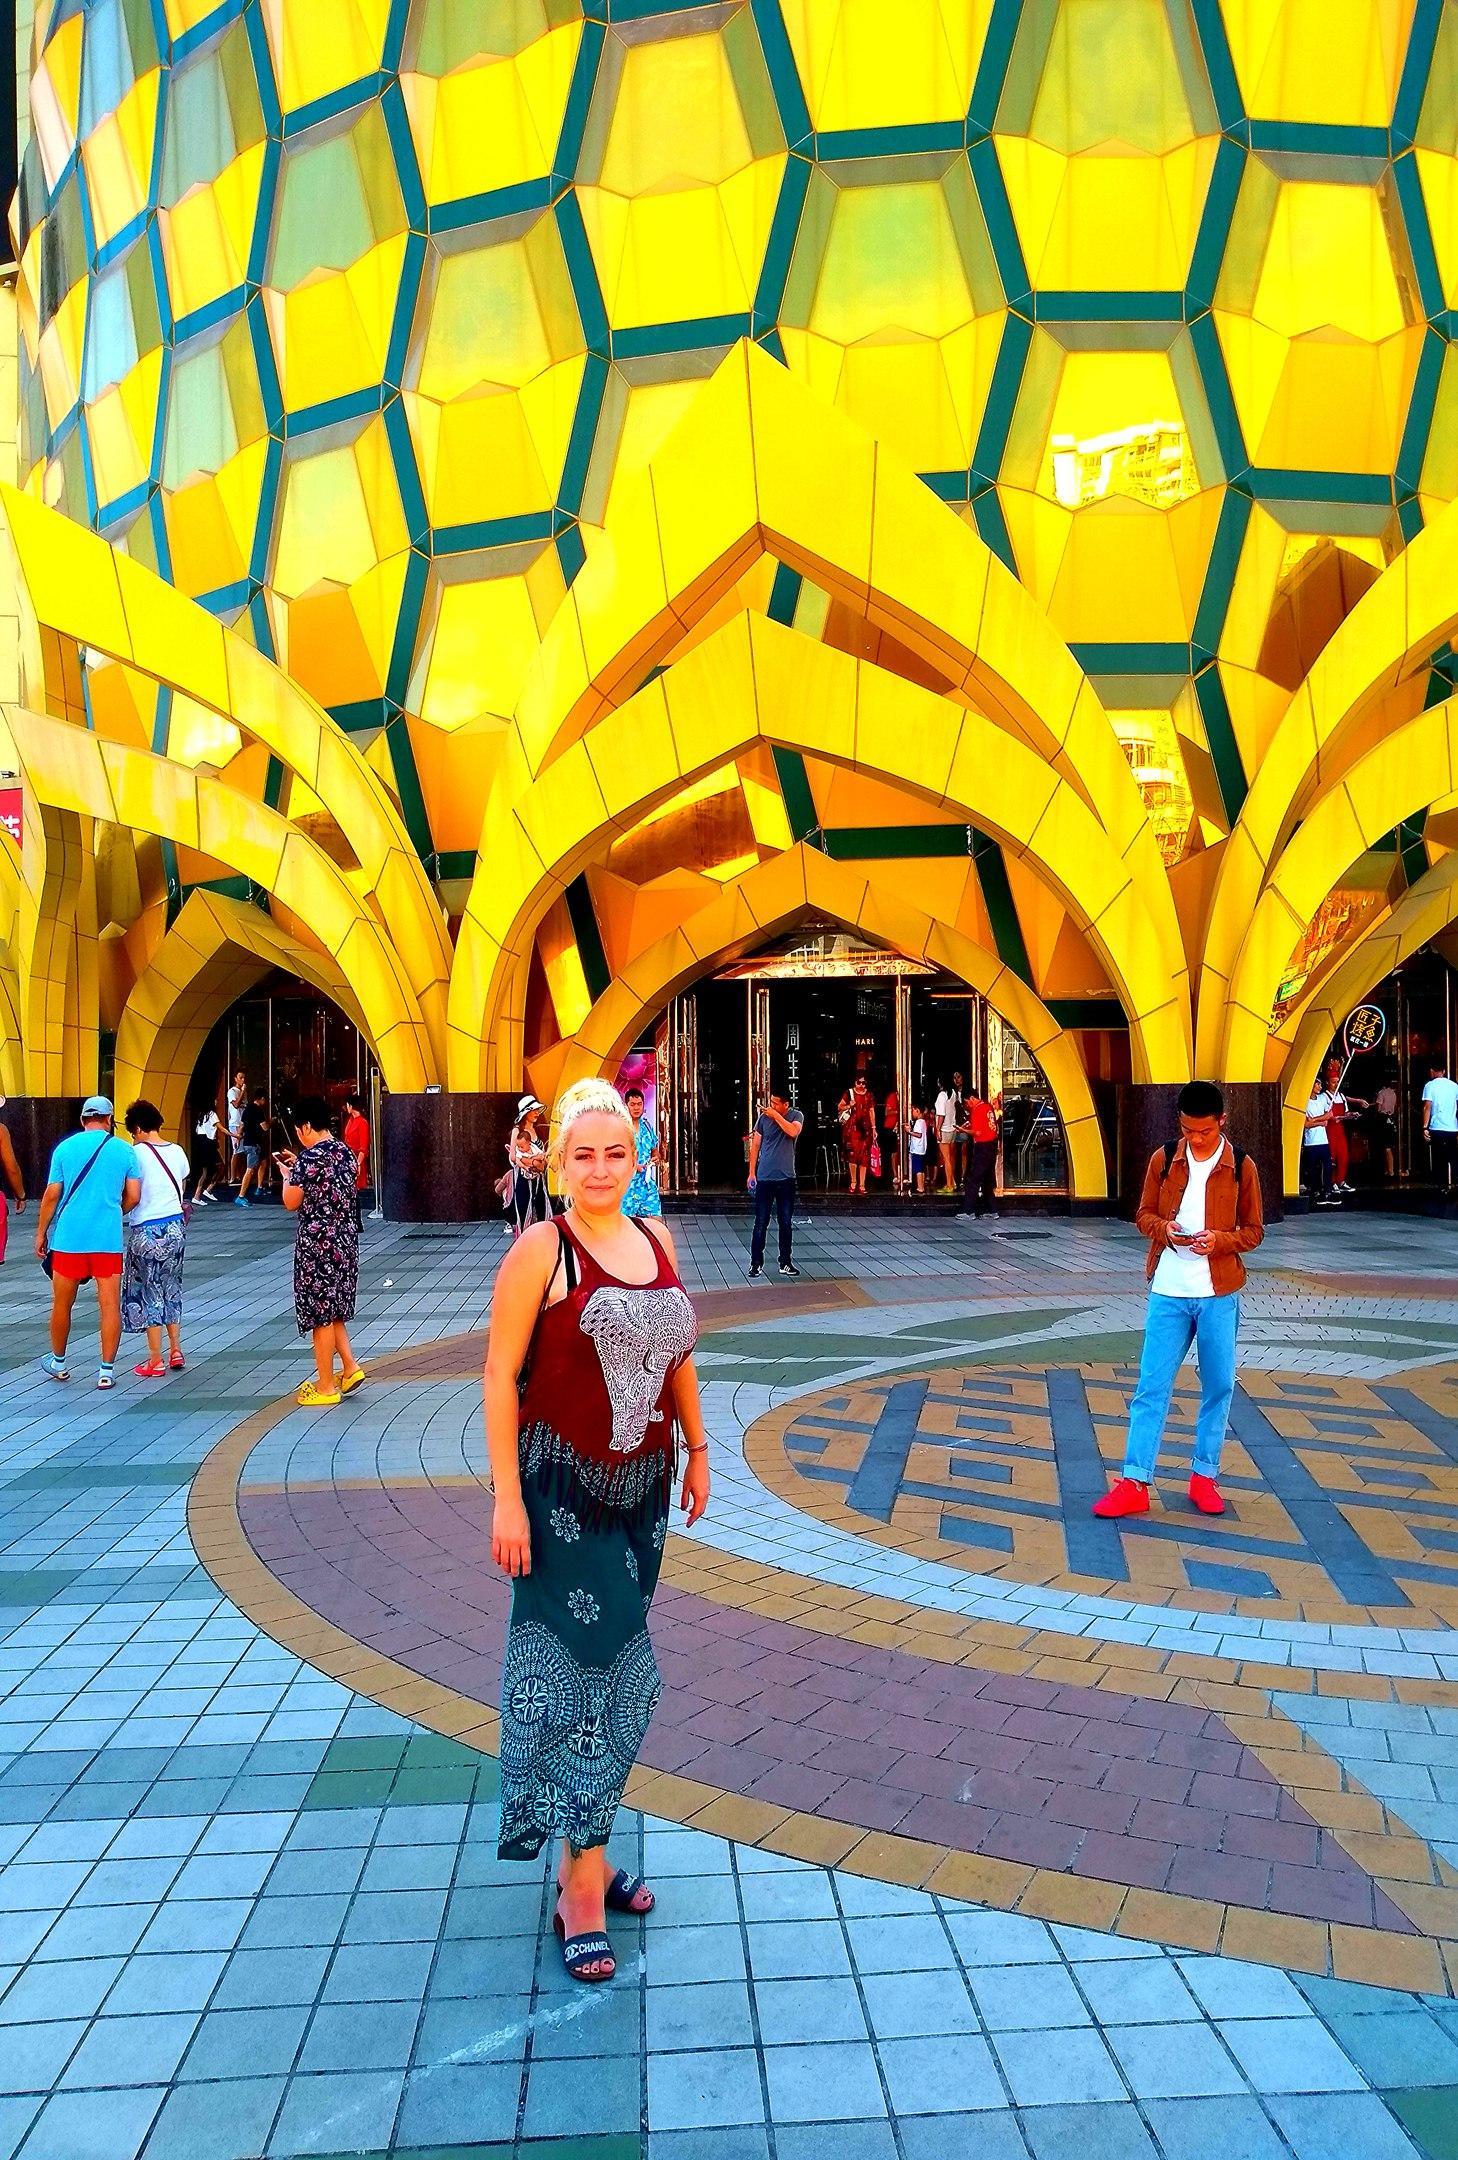 Елена Руденко (Валтея). Китай, о.Хайнань, г.Санья. (фото) - Страница 8 GD-LT6p5qCY